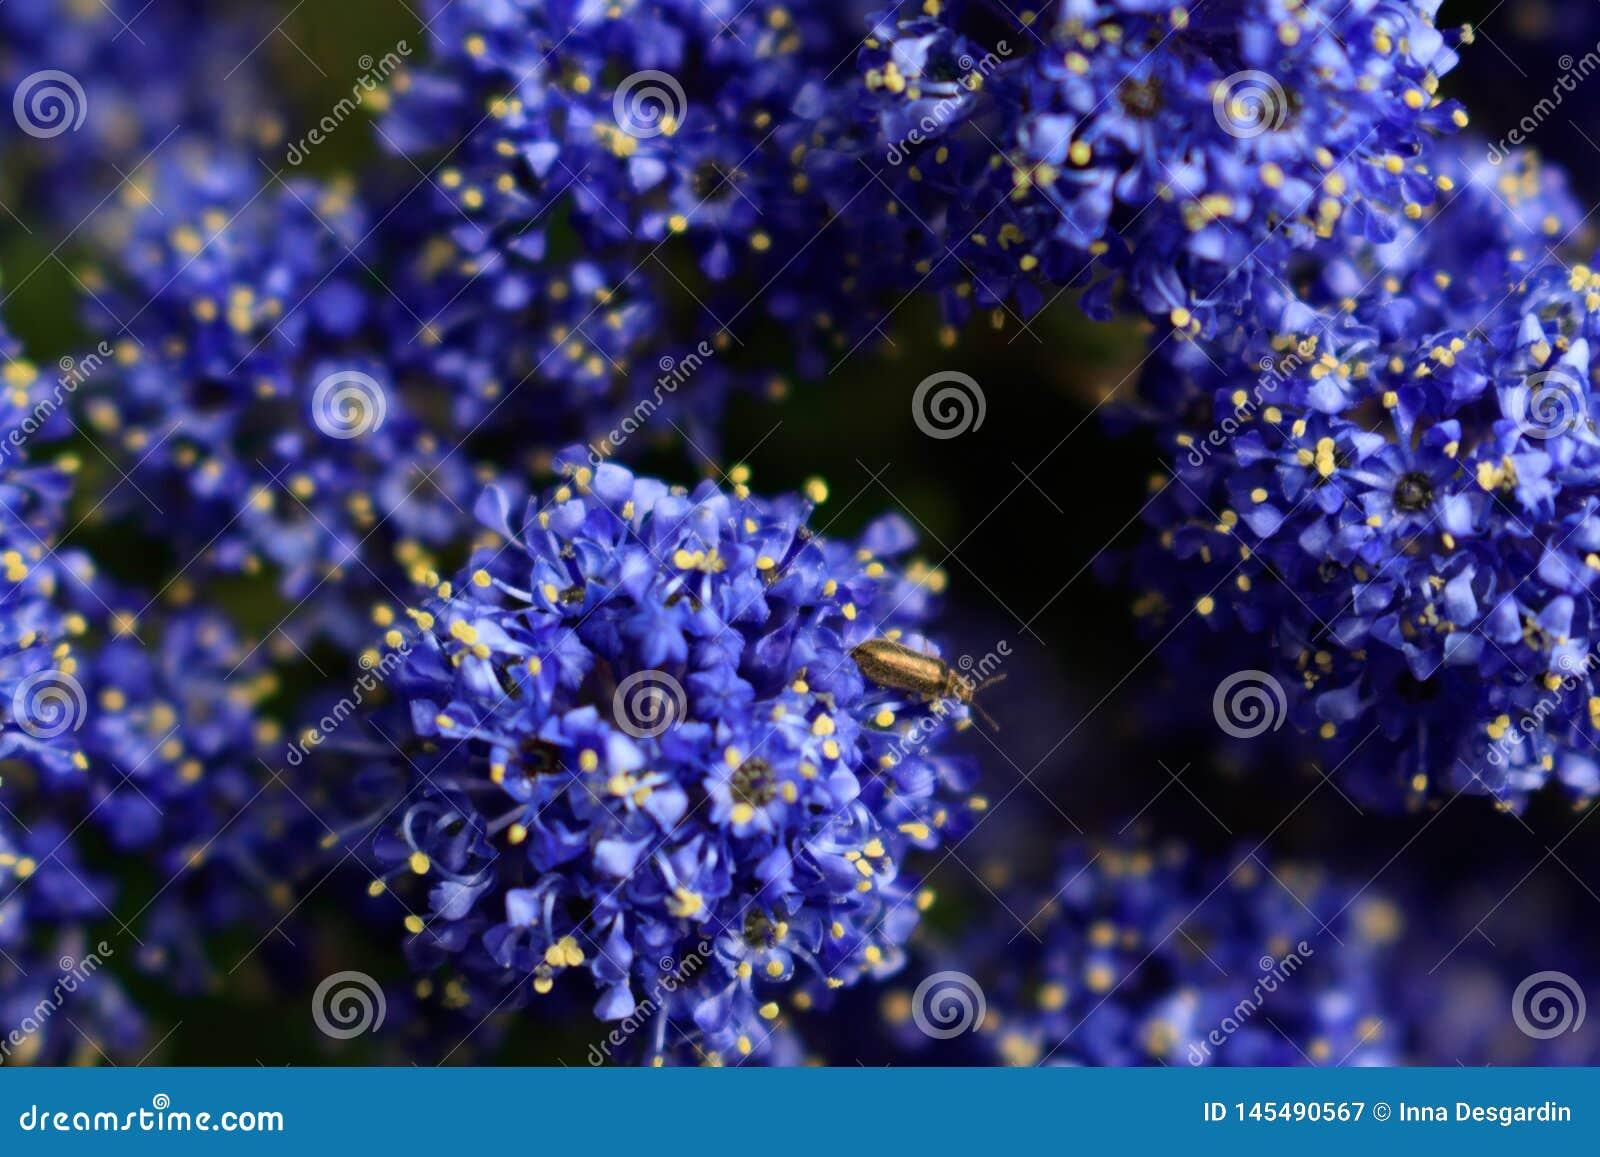 Blumenhintergrund des blauen Indigos Makrotrieb von Kalifornien-Flieder besuchte durch Insekt